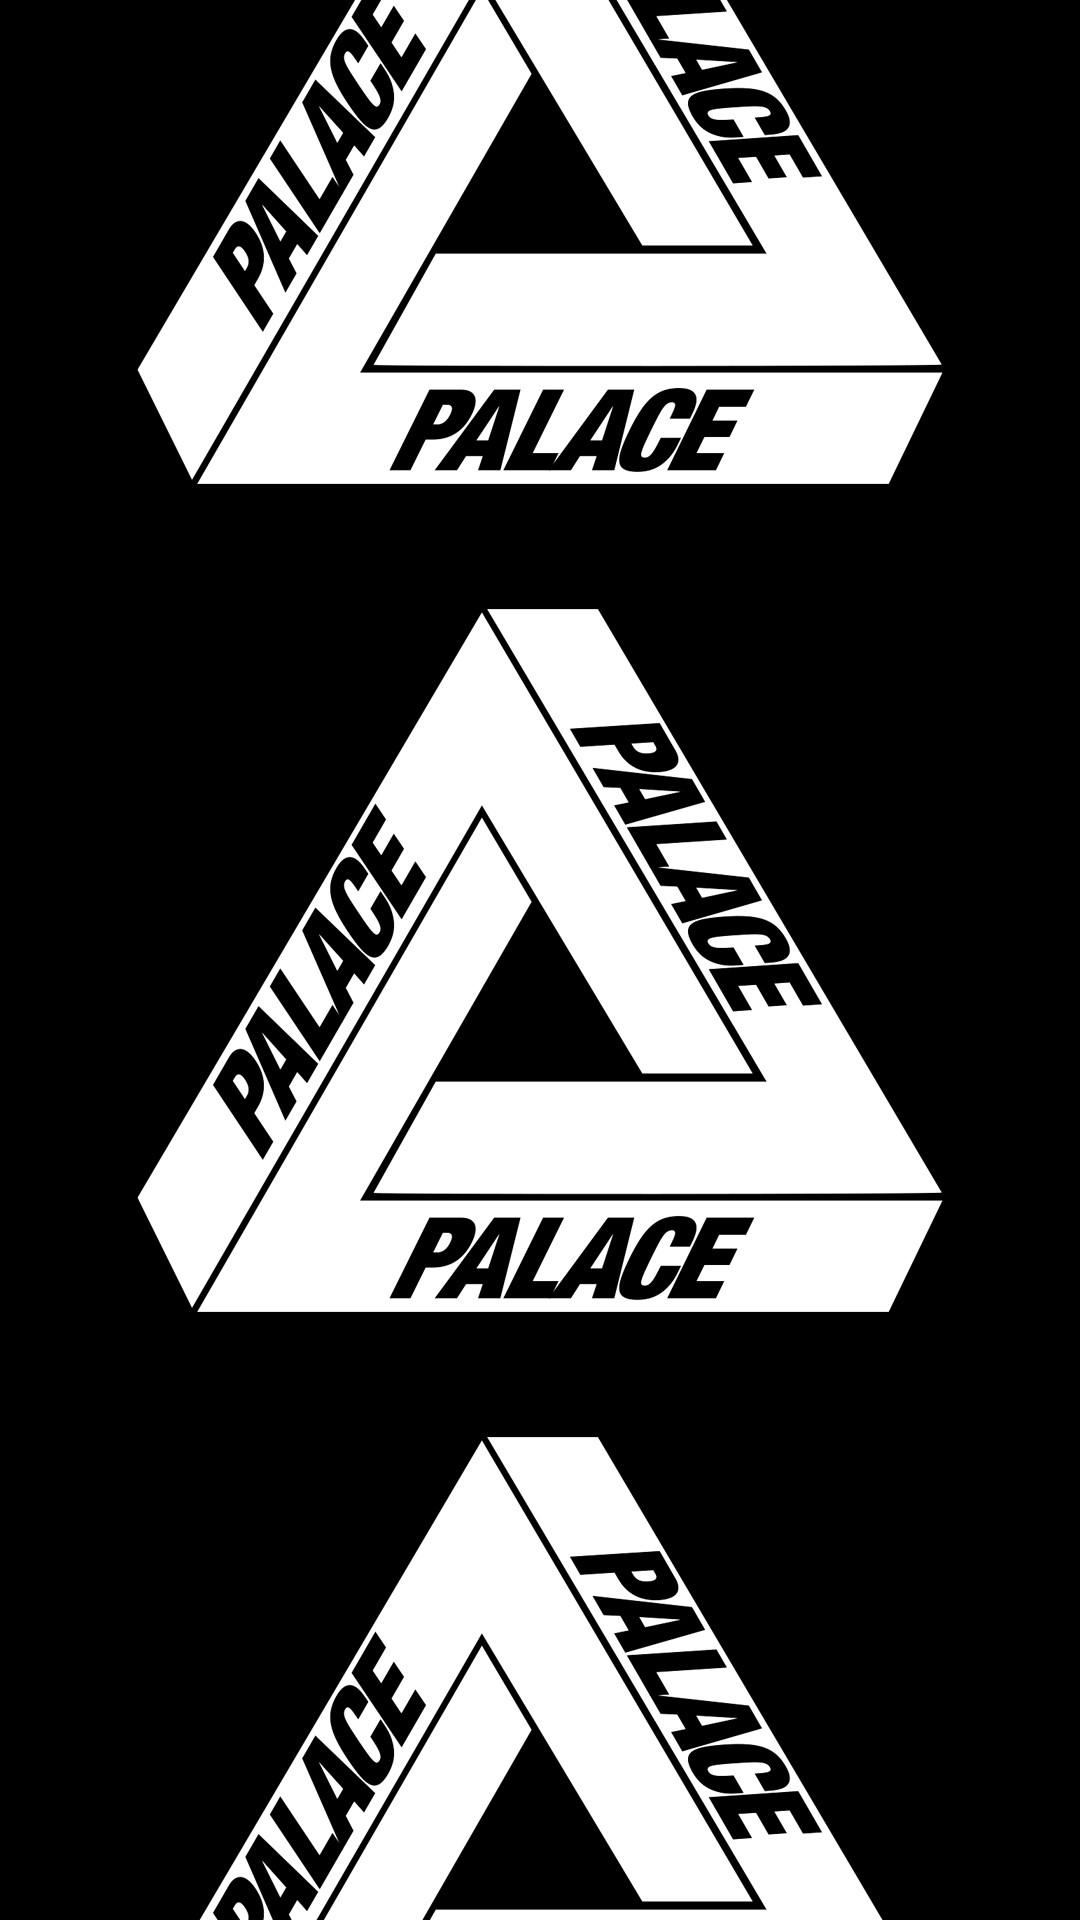 Palace Skateboards [M]